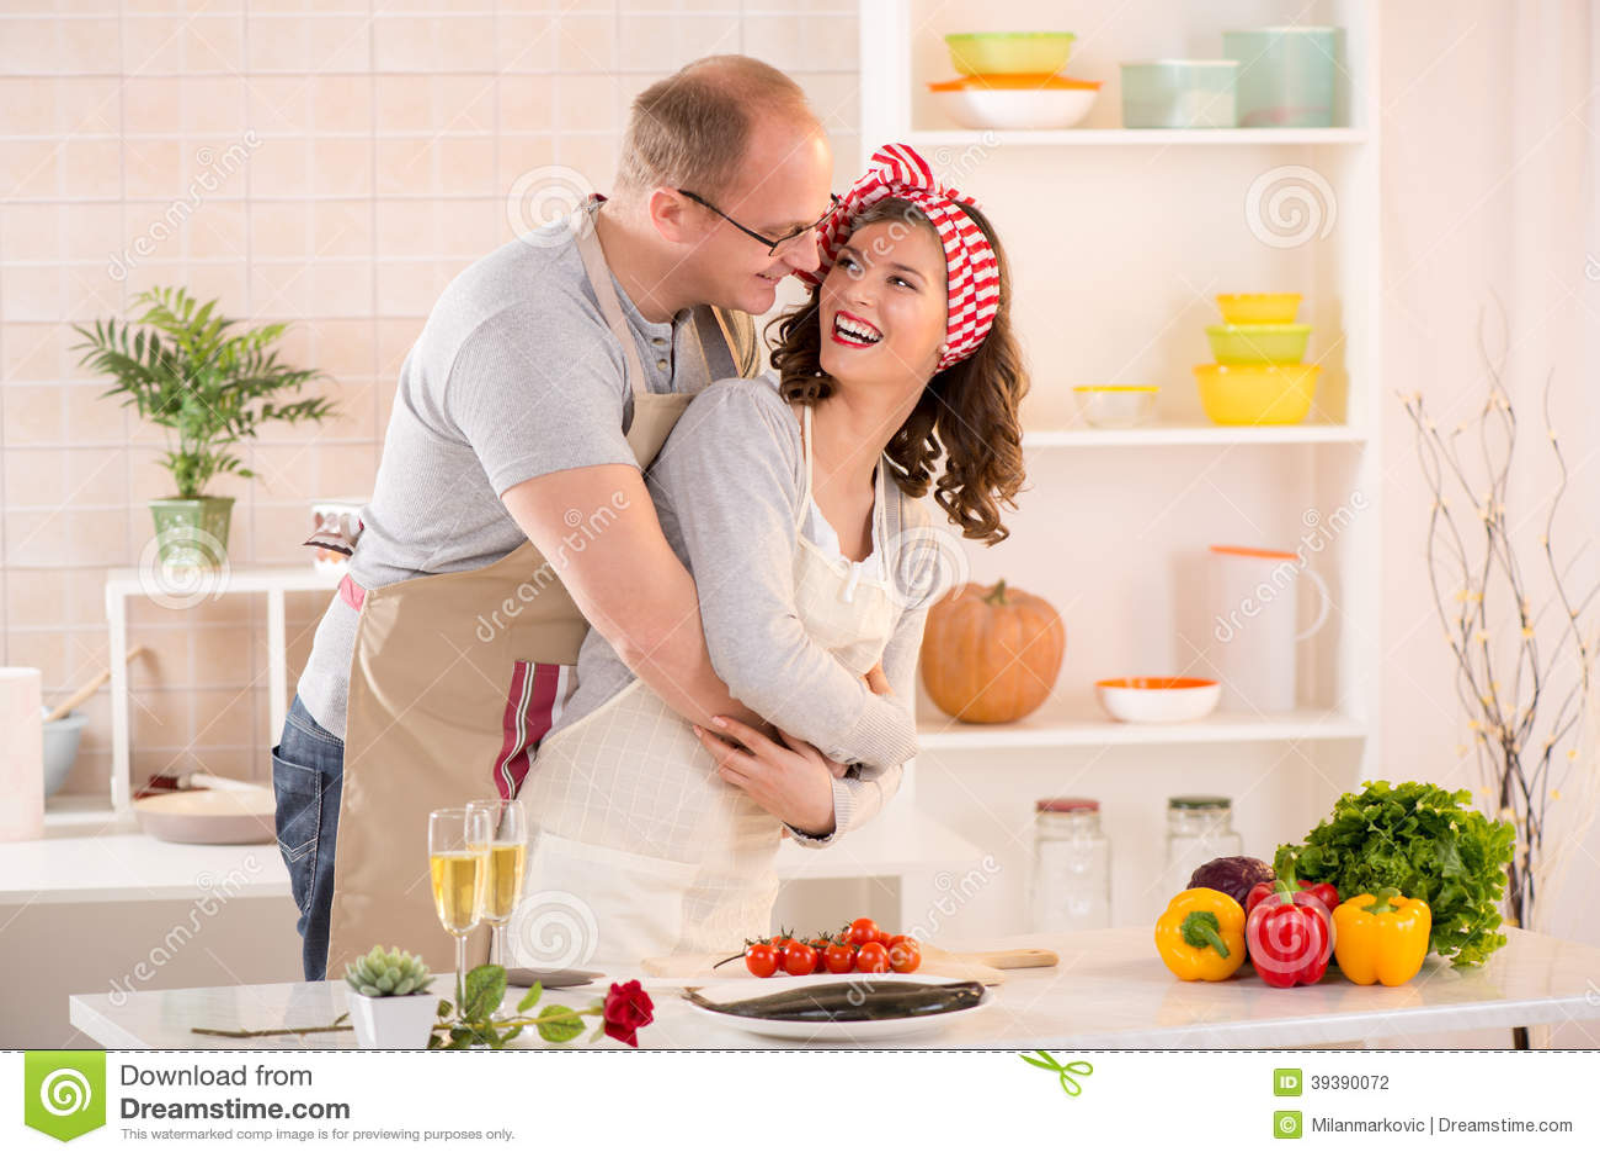 拥抱她的女朋友的愉快的男朋友在厨房里.图片